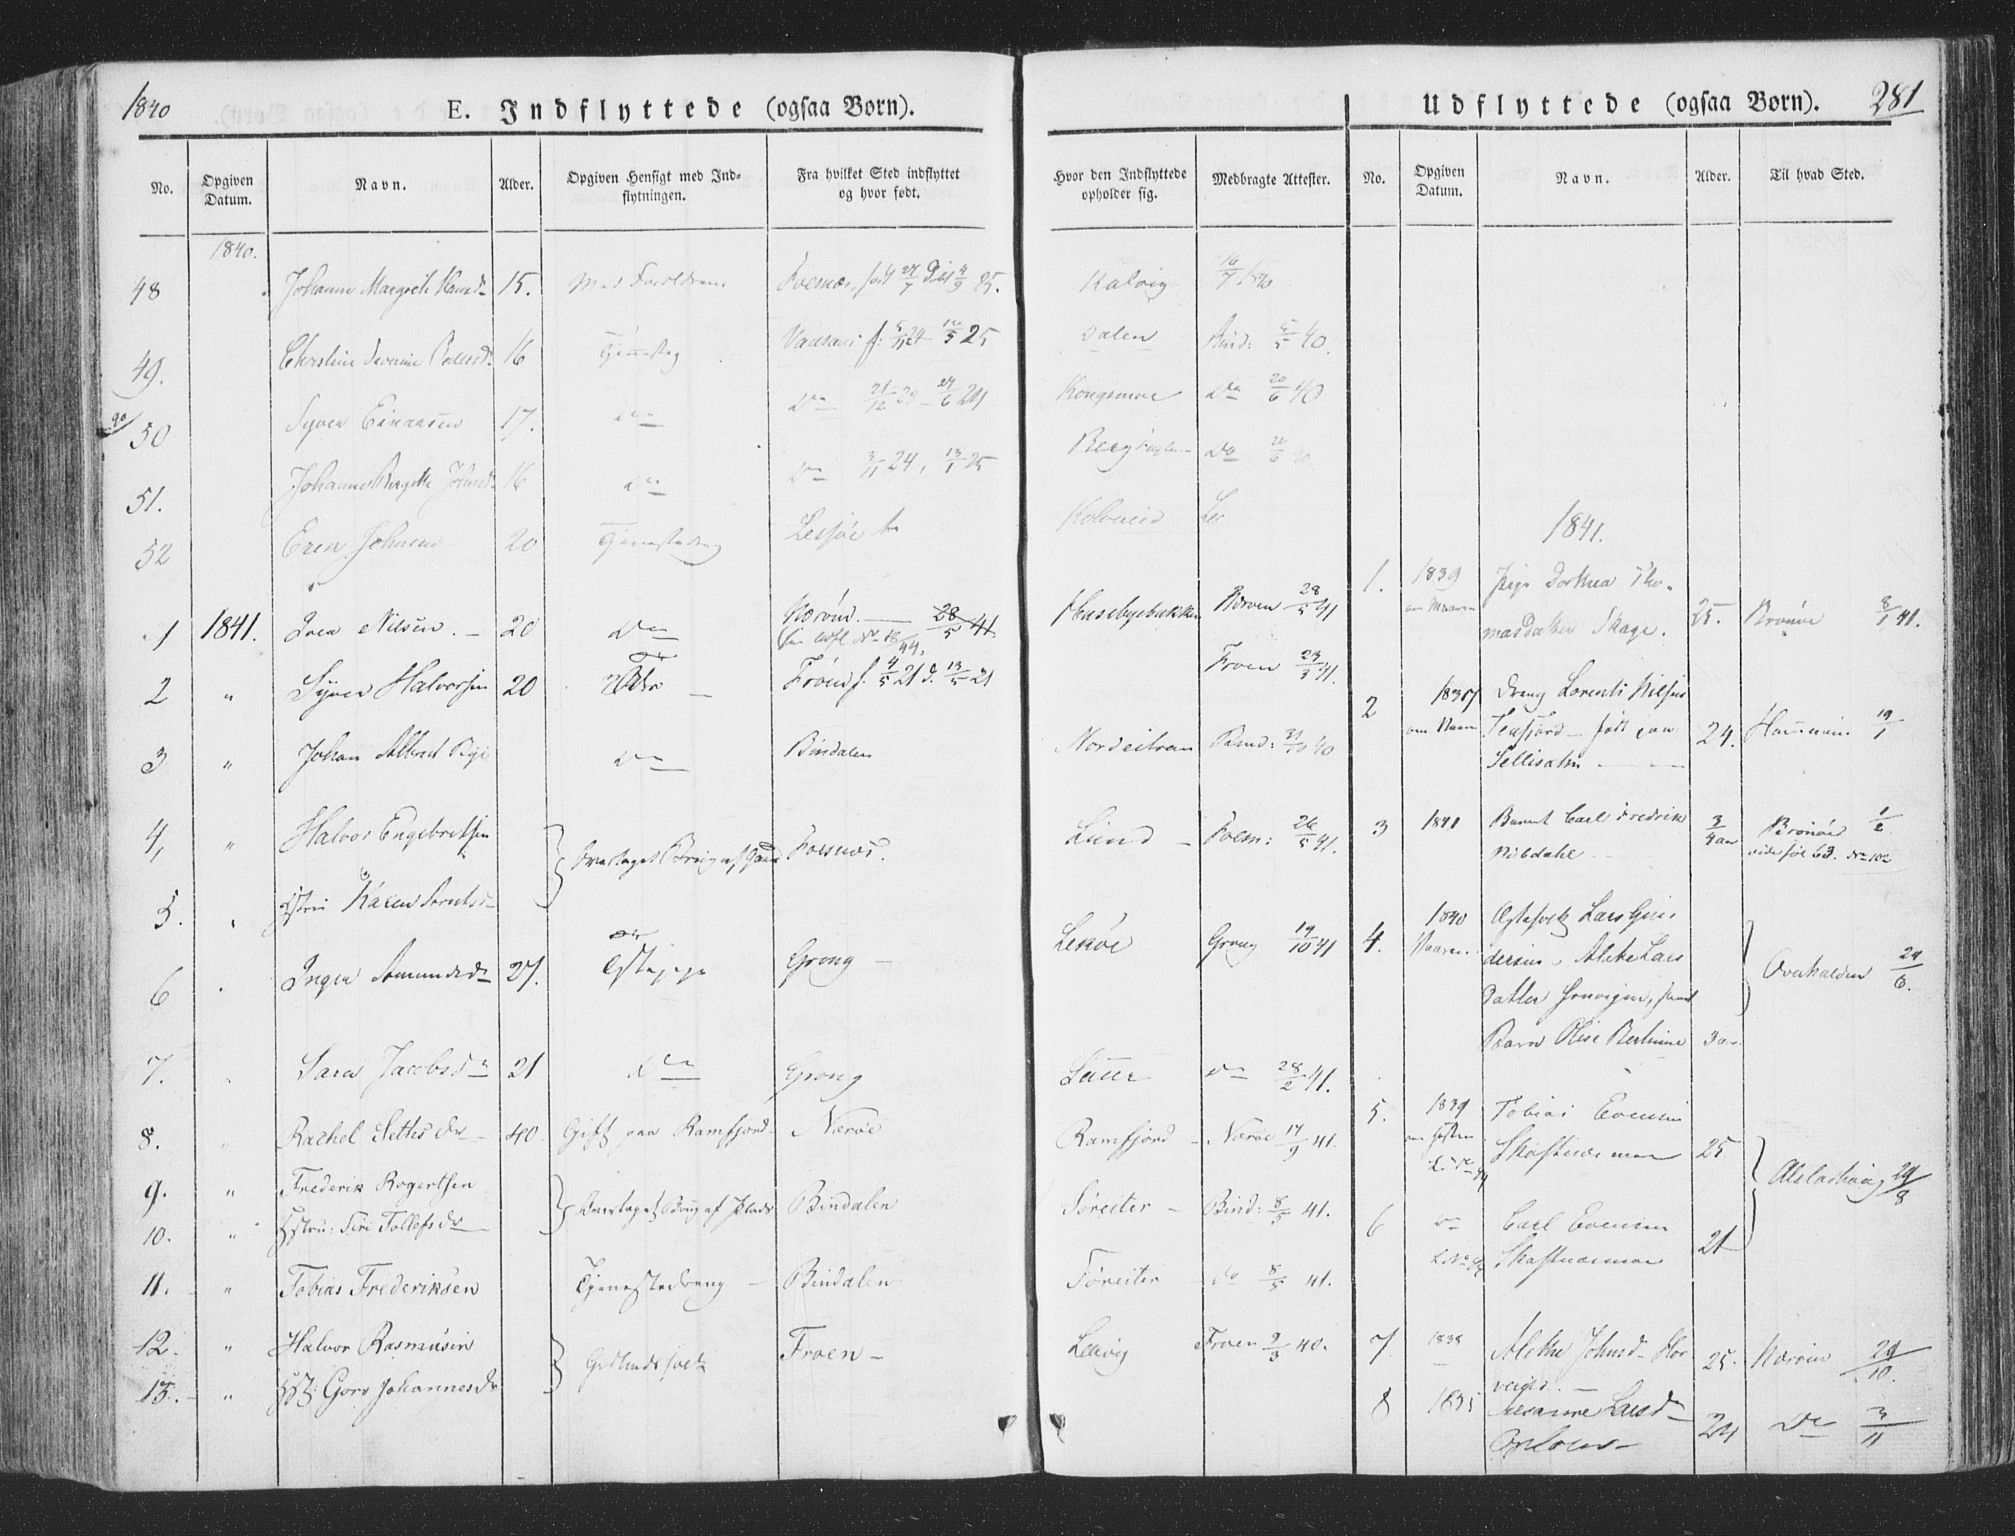 SAT, Ministerialprotokoller, klokkerbøker og fødselsregistre - Nord-Trøndelag, 780/L0639: Ministerialbok nr. 780A04, 1830-1844, s. 281